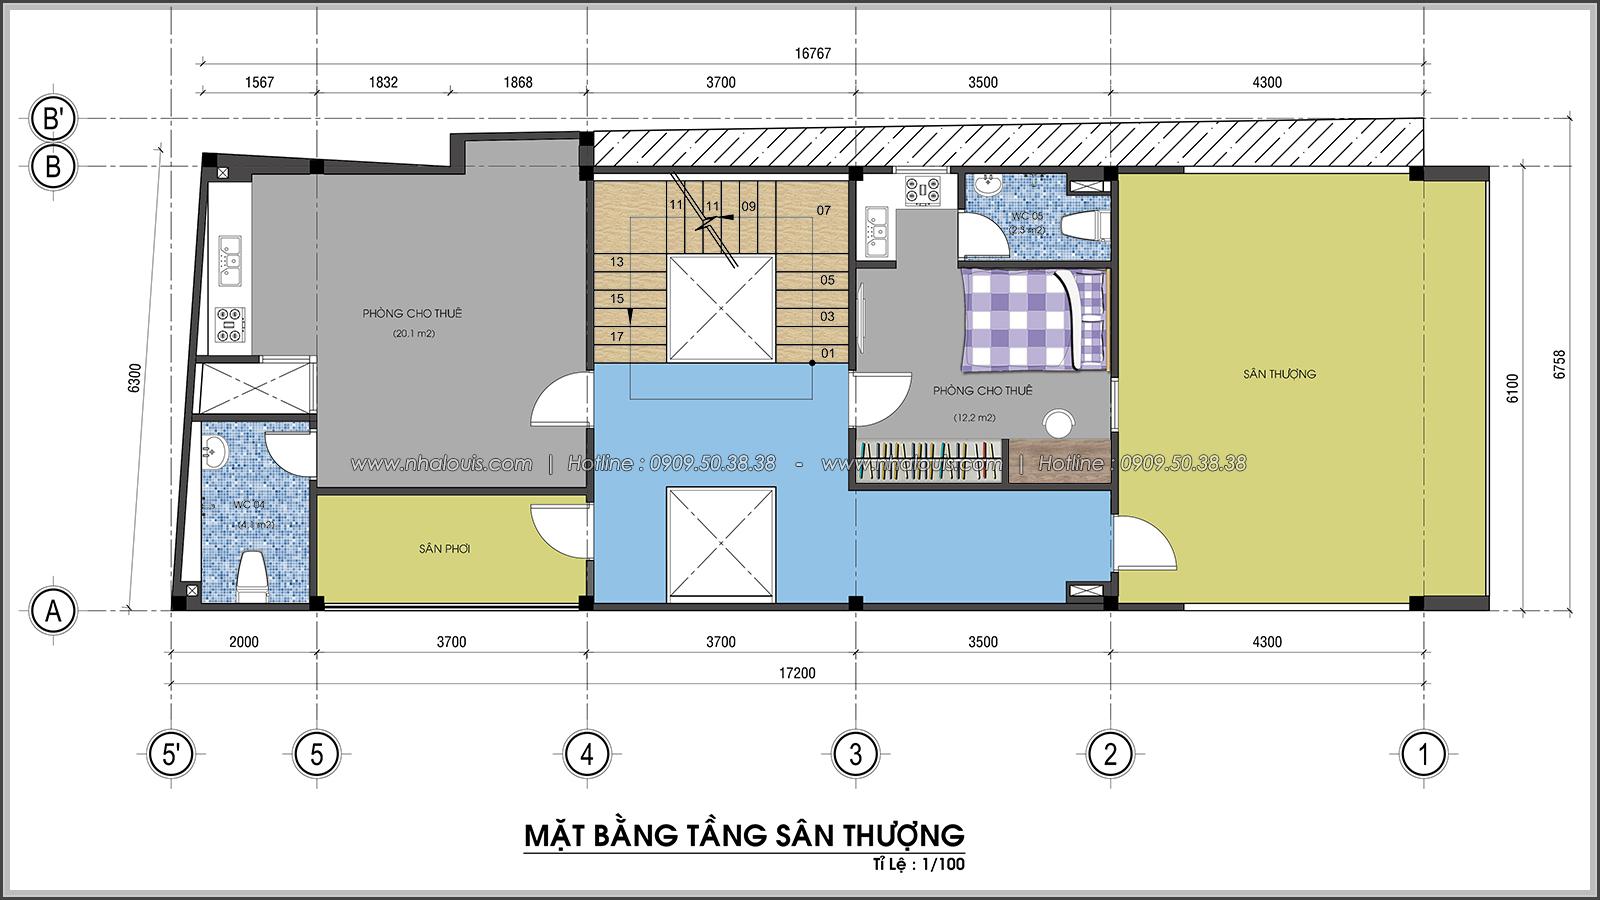 Mặt bằng sân thượng Thiết kế nhà trọ cho thuê cao cấp tiết kiệm chi phí và hiệu quả tại Tân Bình - 07